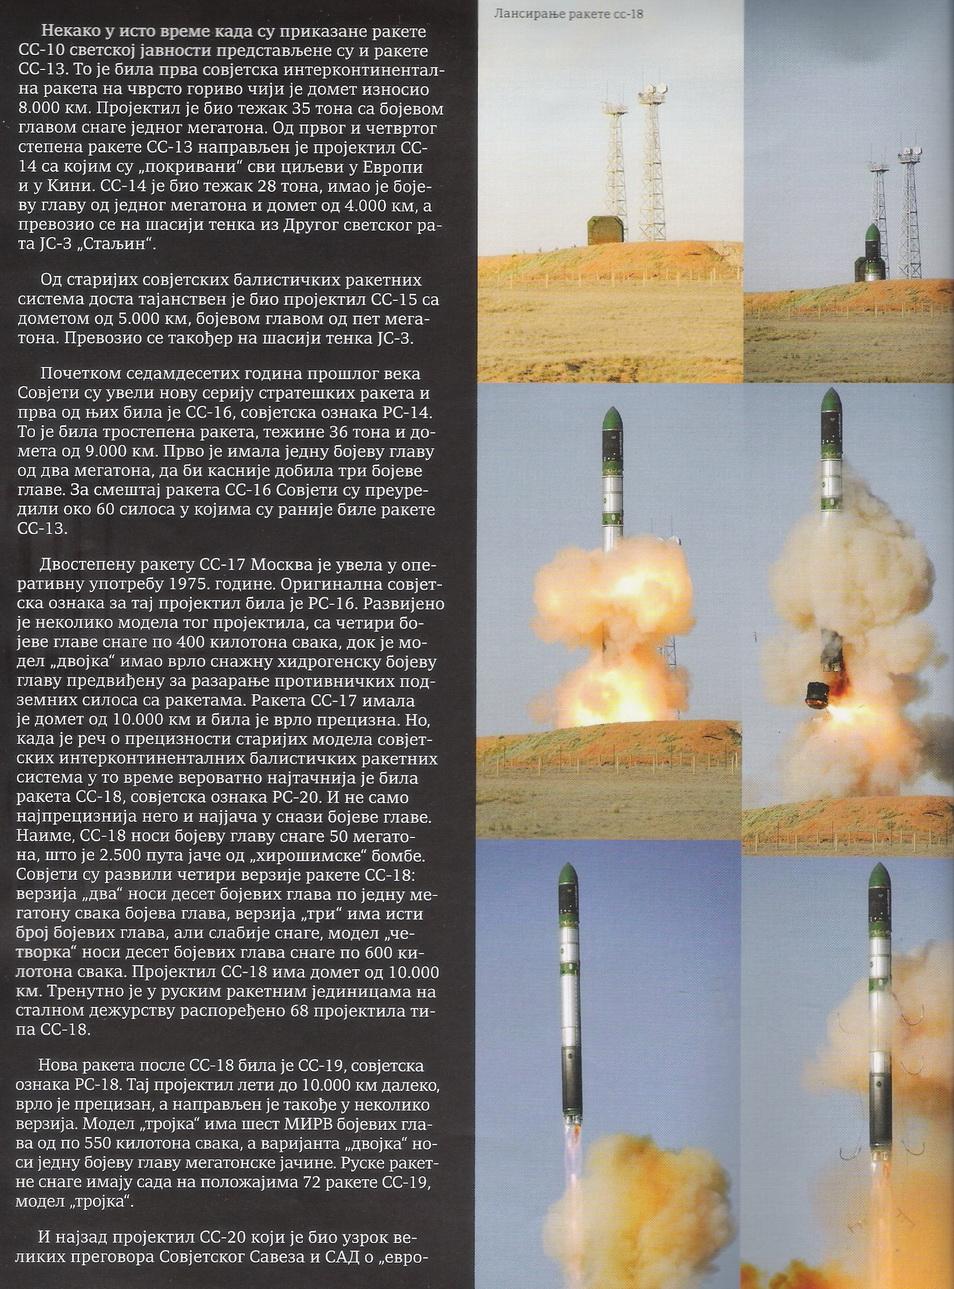 Ruski strategiski nuklearni potencijal - Page 2 78013_79926041_razvoj%20SSM_3